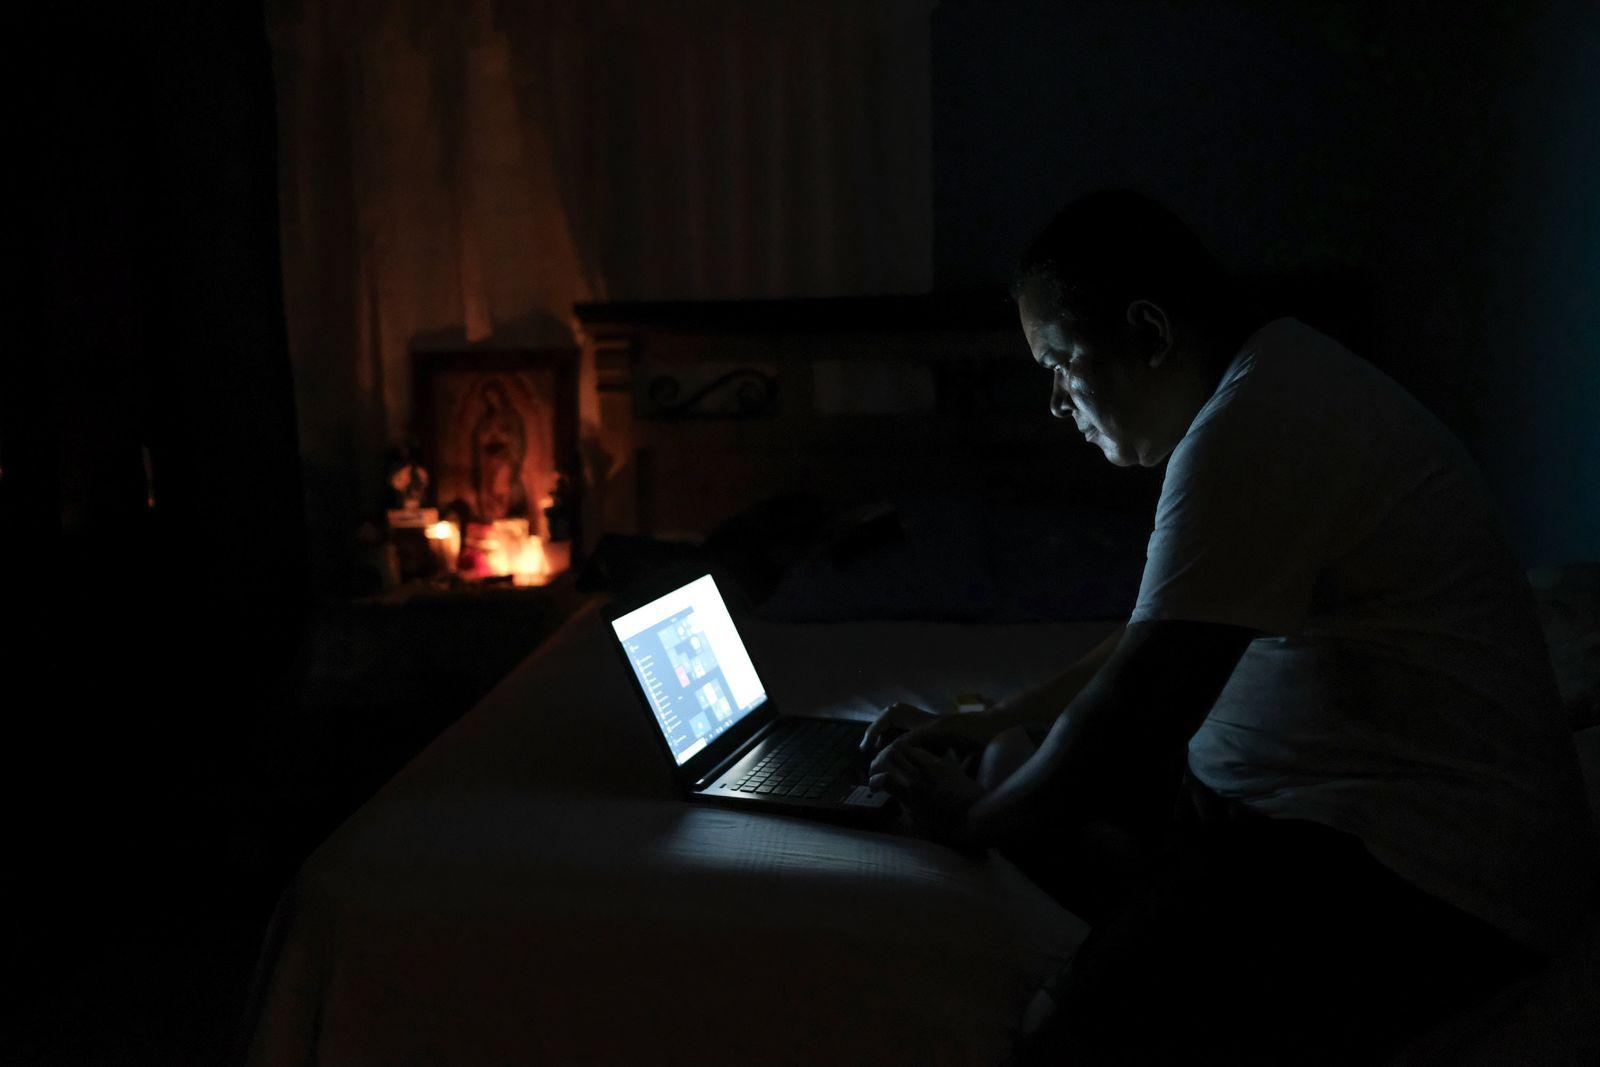 Stromausfall in mehreren Ländern Mittelamerikas